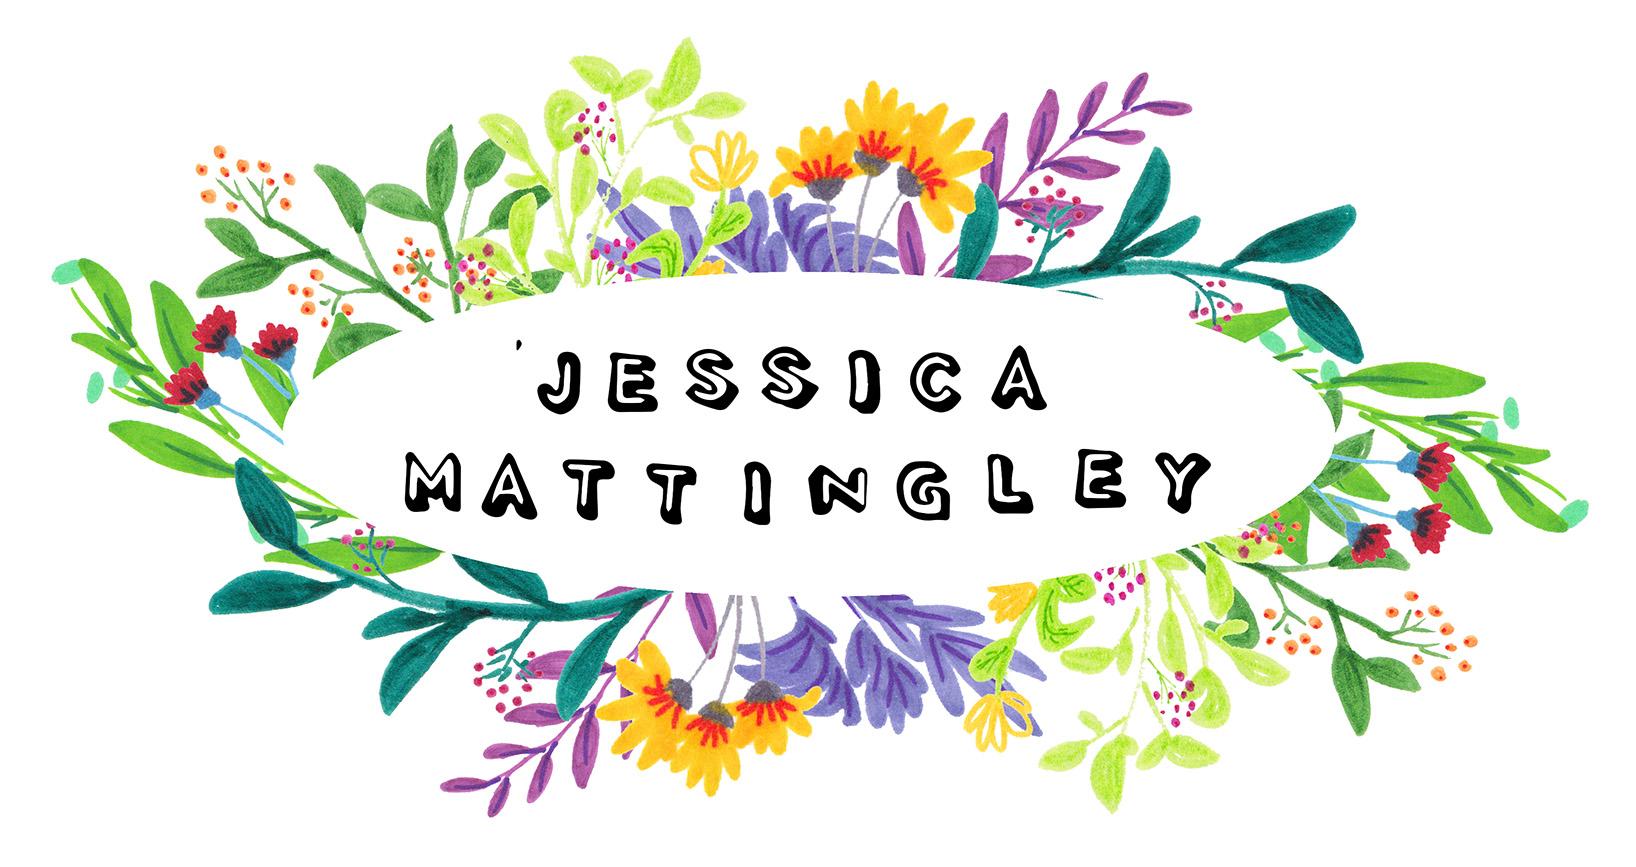 Jessica Mattingley